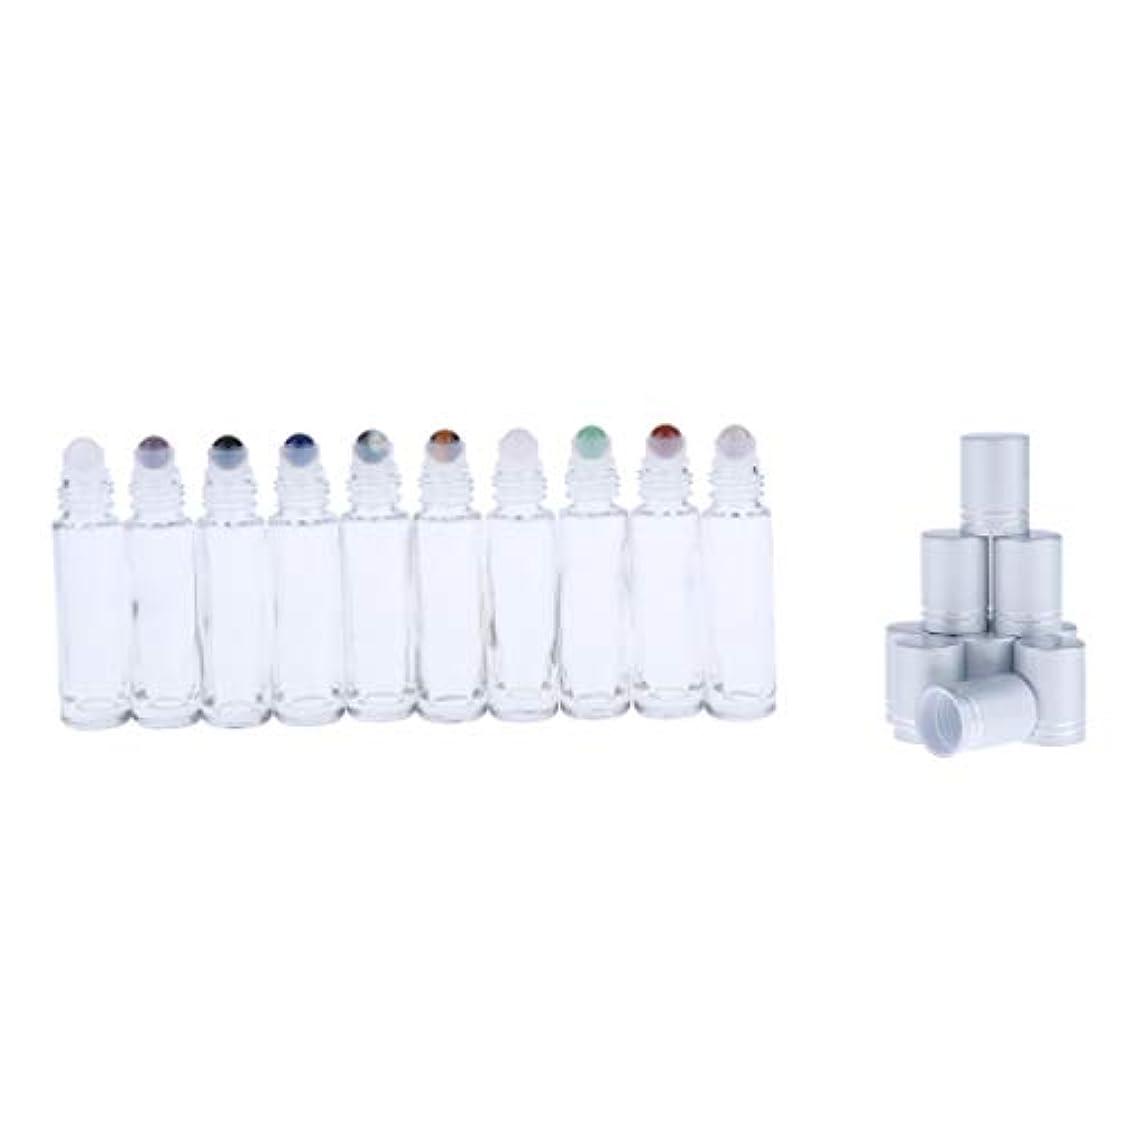 オペレーター不純地元chiwanji 10ml ロールオンボトル ガラス容器 透明 香水 アロマ 精油 小分け用 見分け携帯便利 10個入